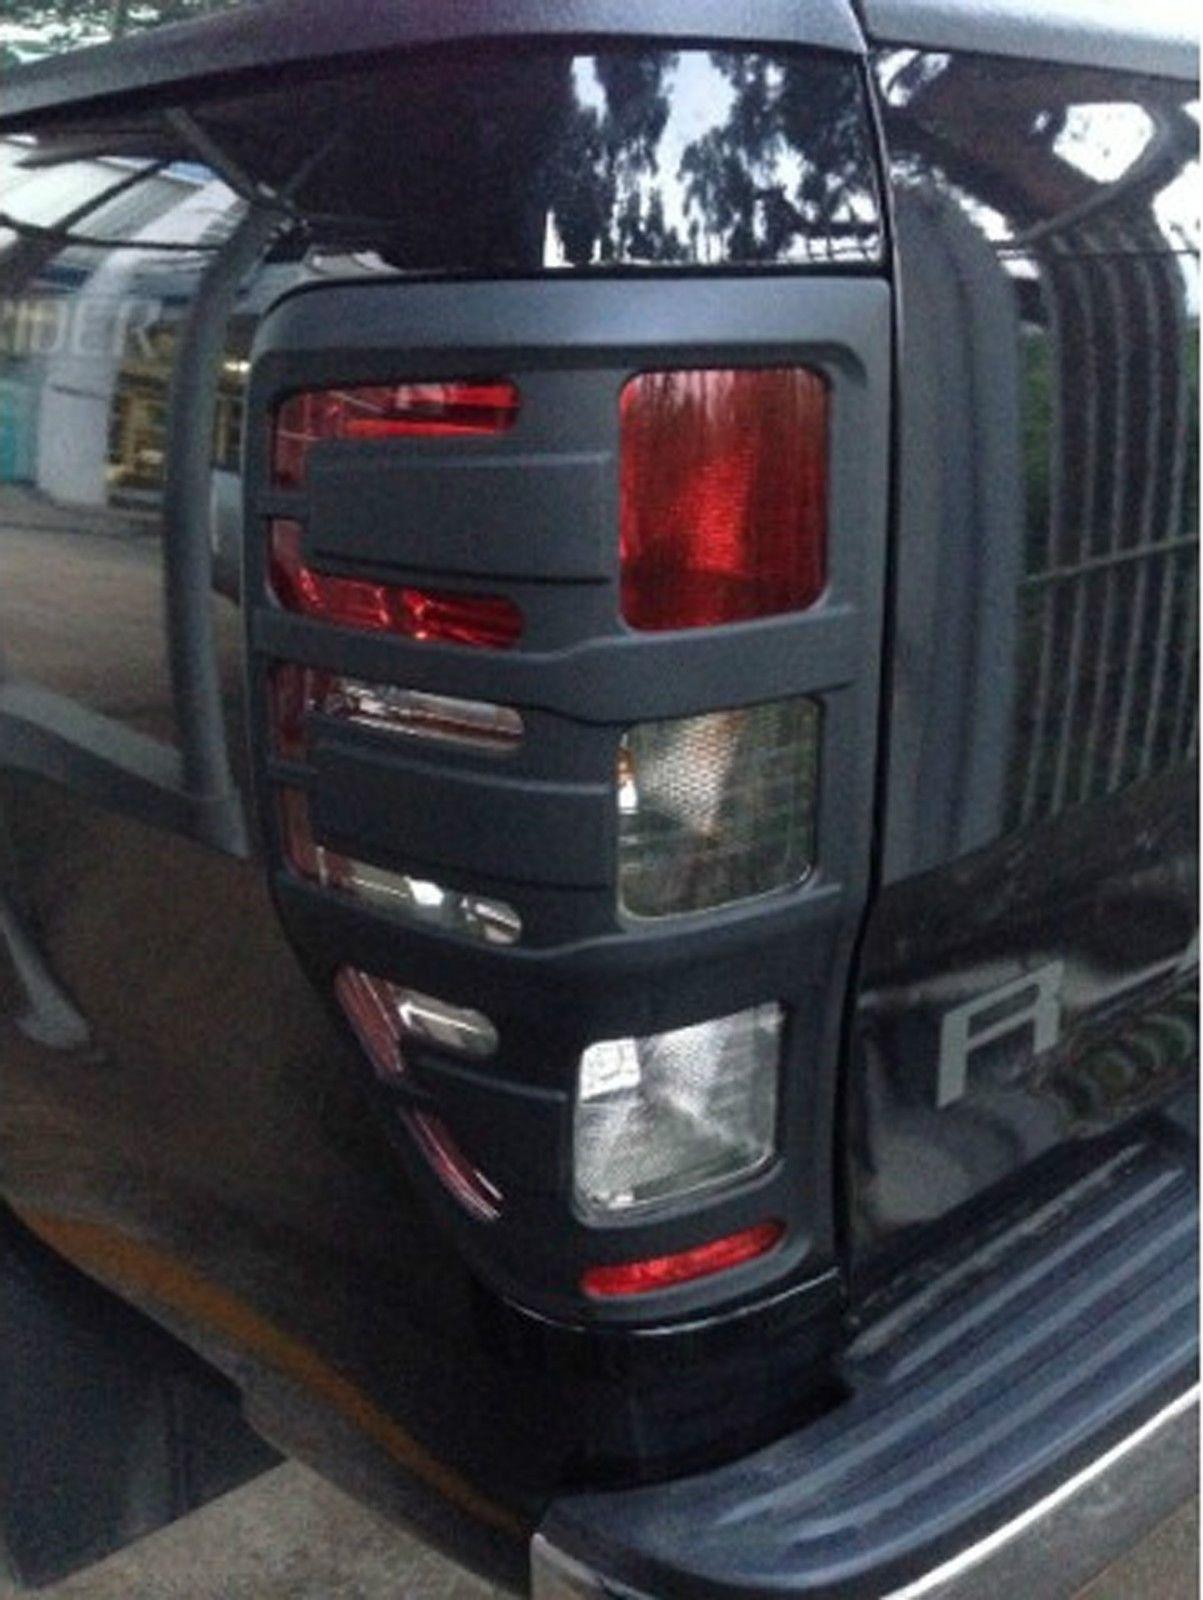 Matte Black Rear Tail Taillight Light Lamp Cover For Ford Ranger